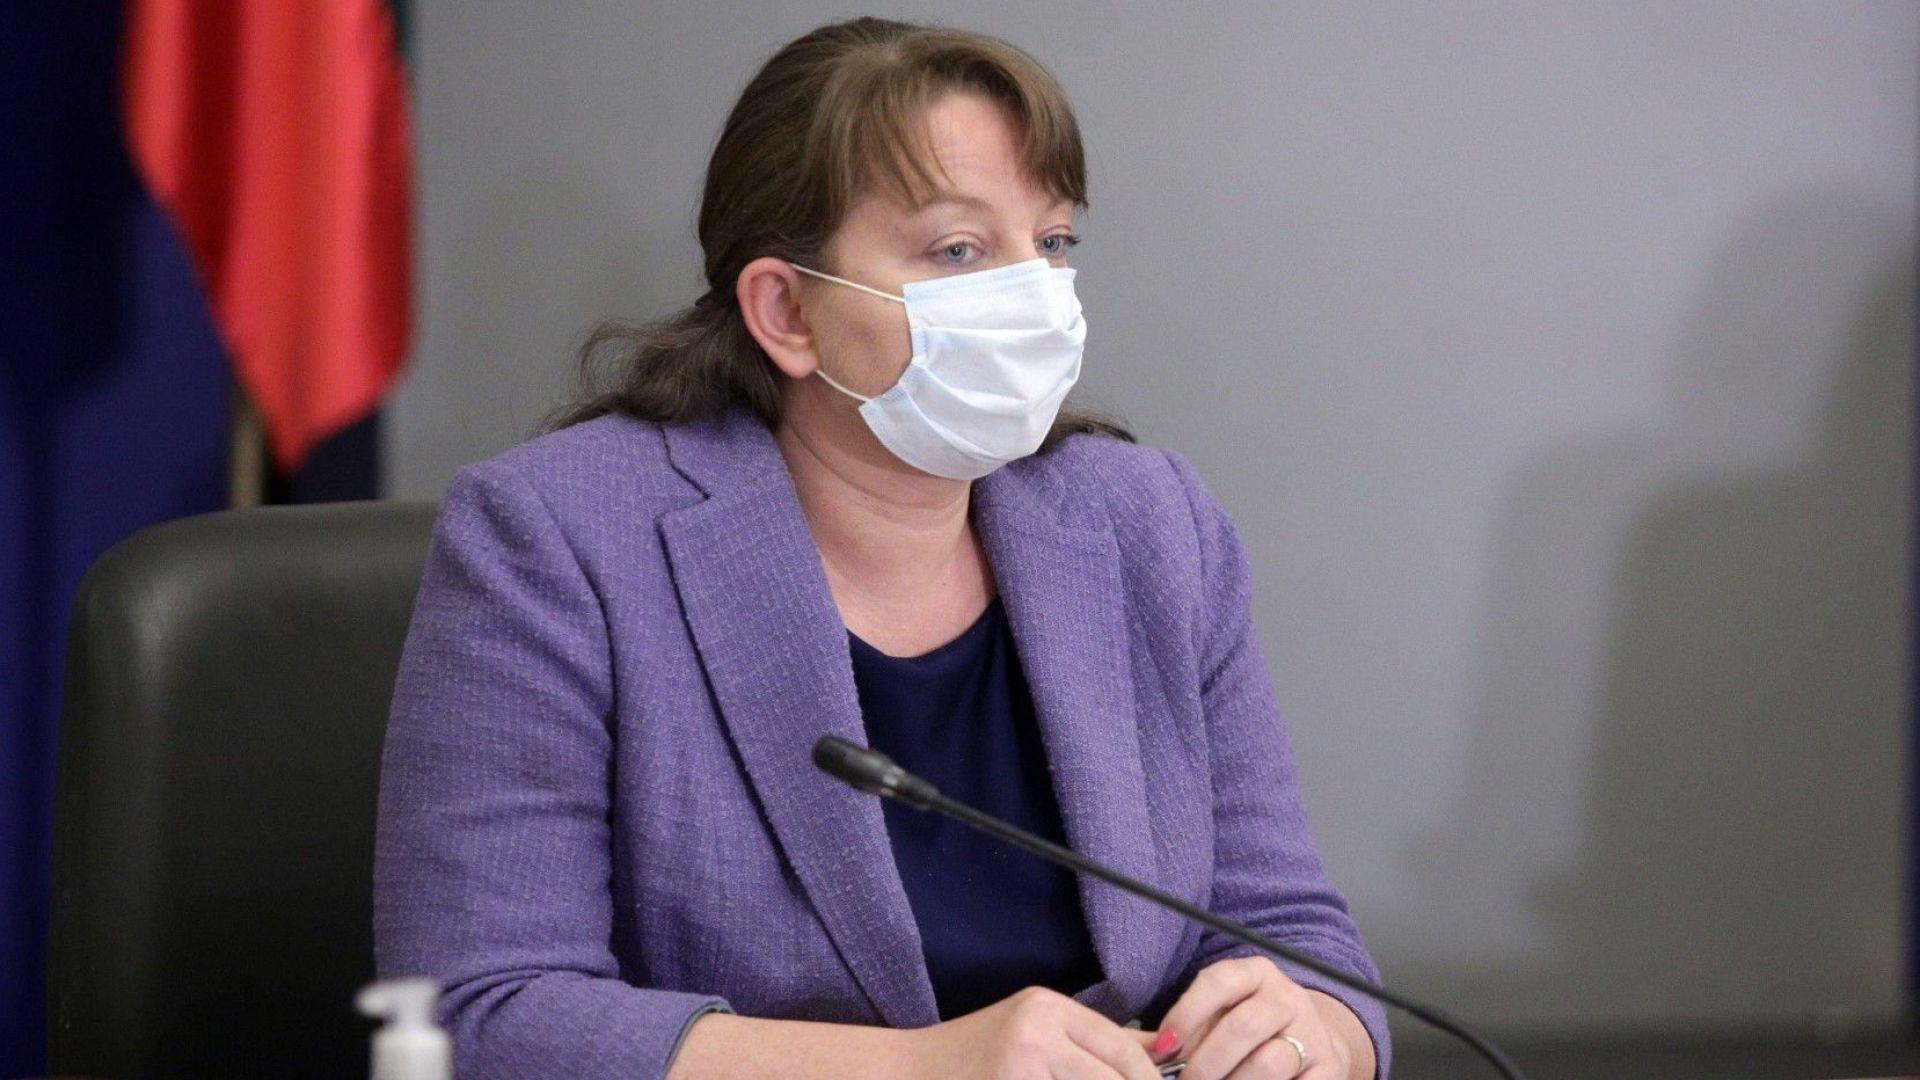 Сачева: Нагласите са за поетапно отваряне, вече съм убедена, че трябва да се ваксинирам